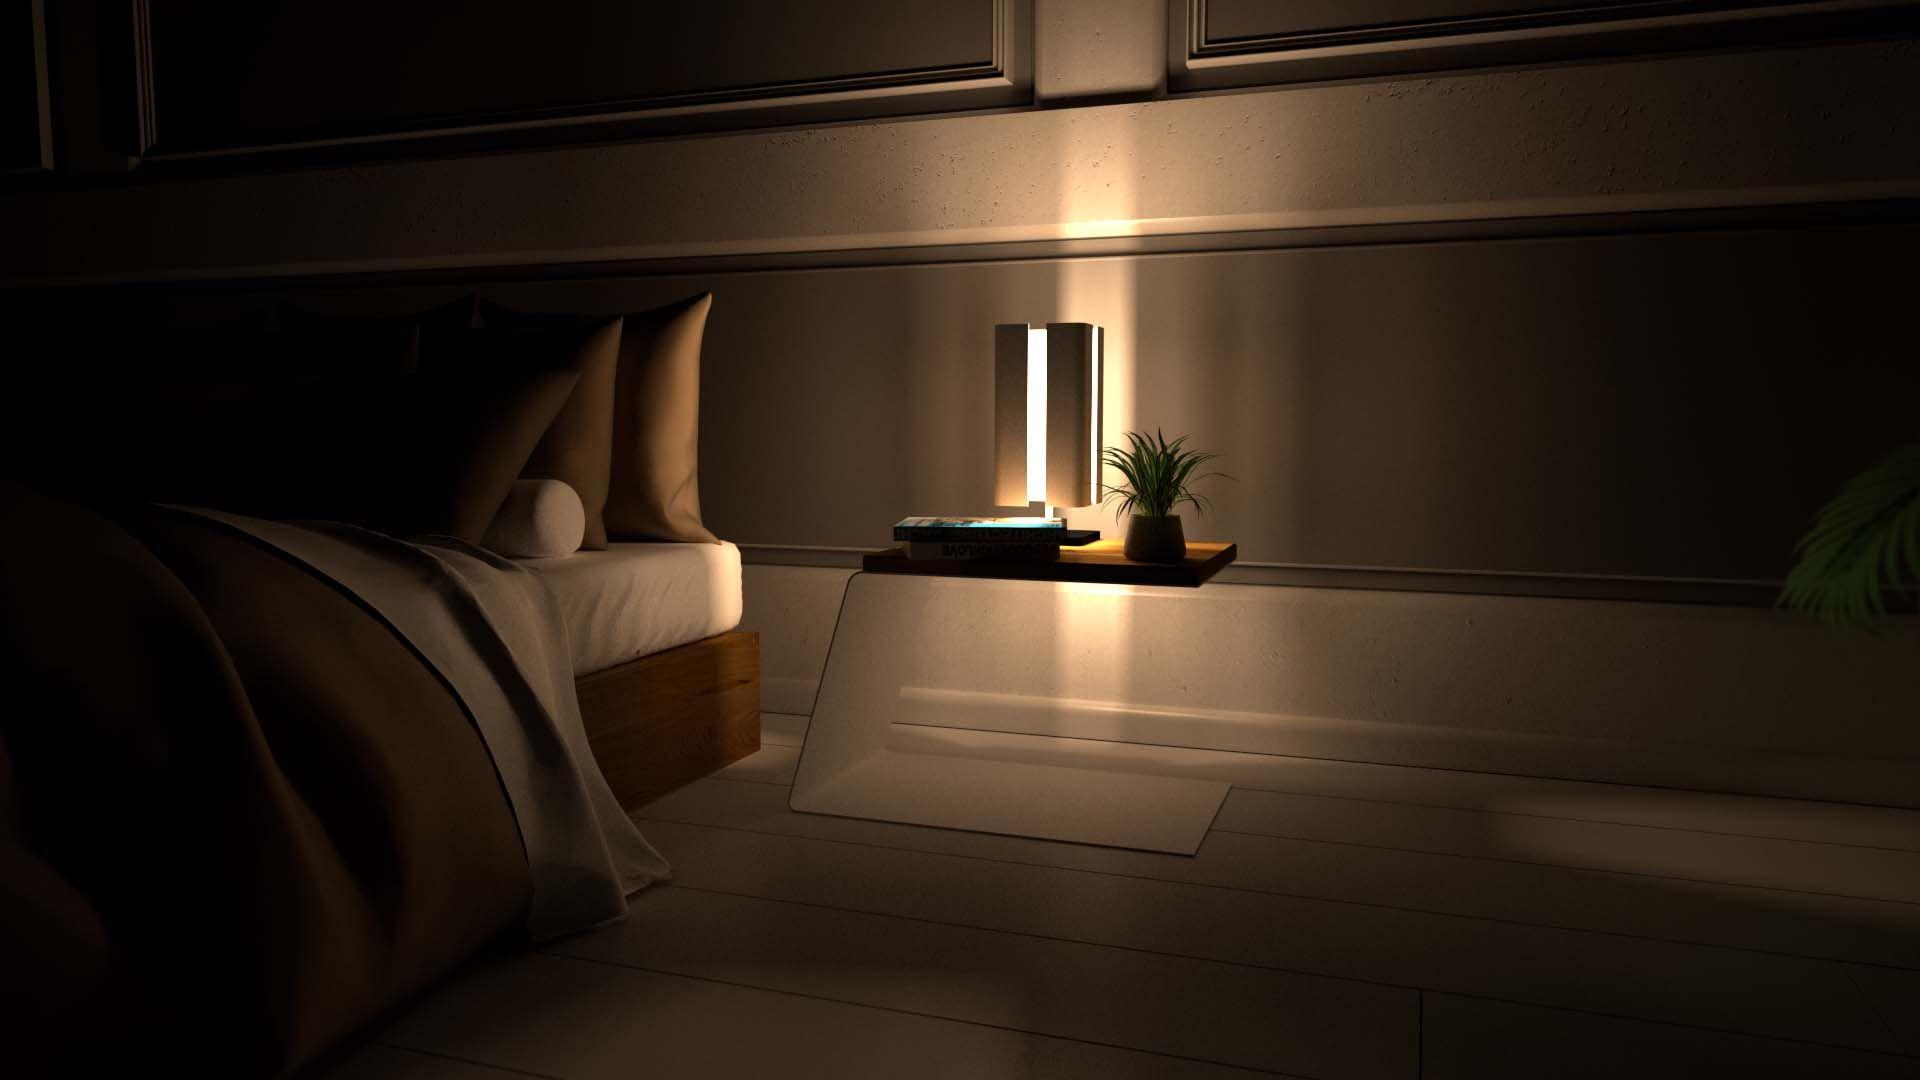 holzaufbewahrung im wohnzimmer wohnzimmer fur holzkiste nahen hangend regal spielzeugautos. Black Bedroom Furniture Sets. Home Design Ideas